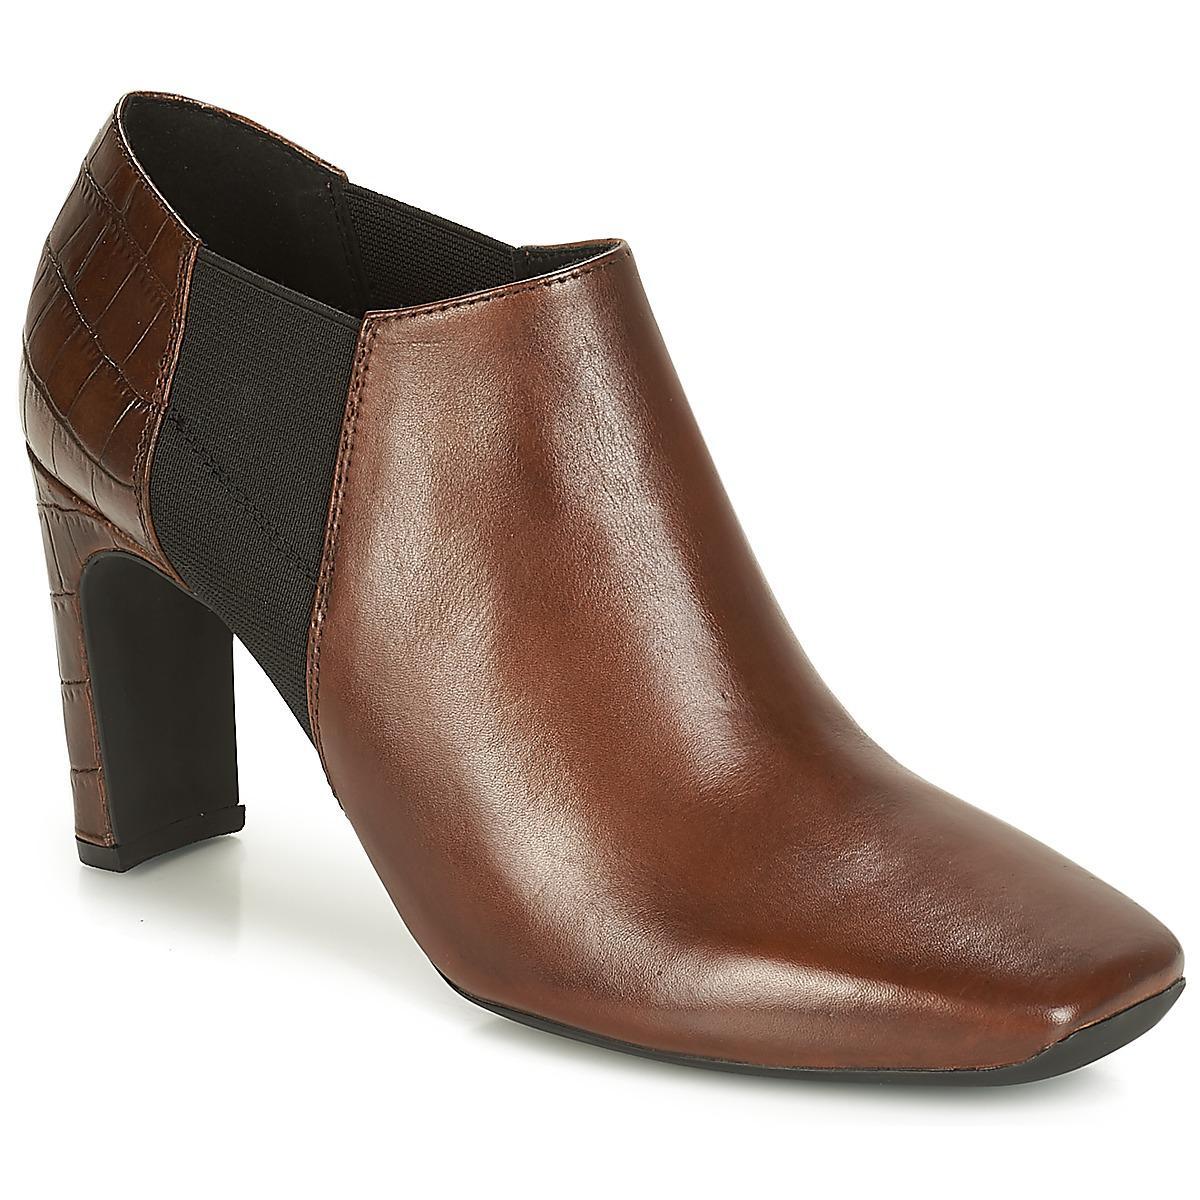 Geox D Vivyanne High Women s Low Boots In Brown in Brown - Lyst 0fede1b35ee4